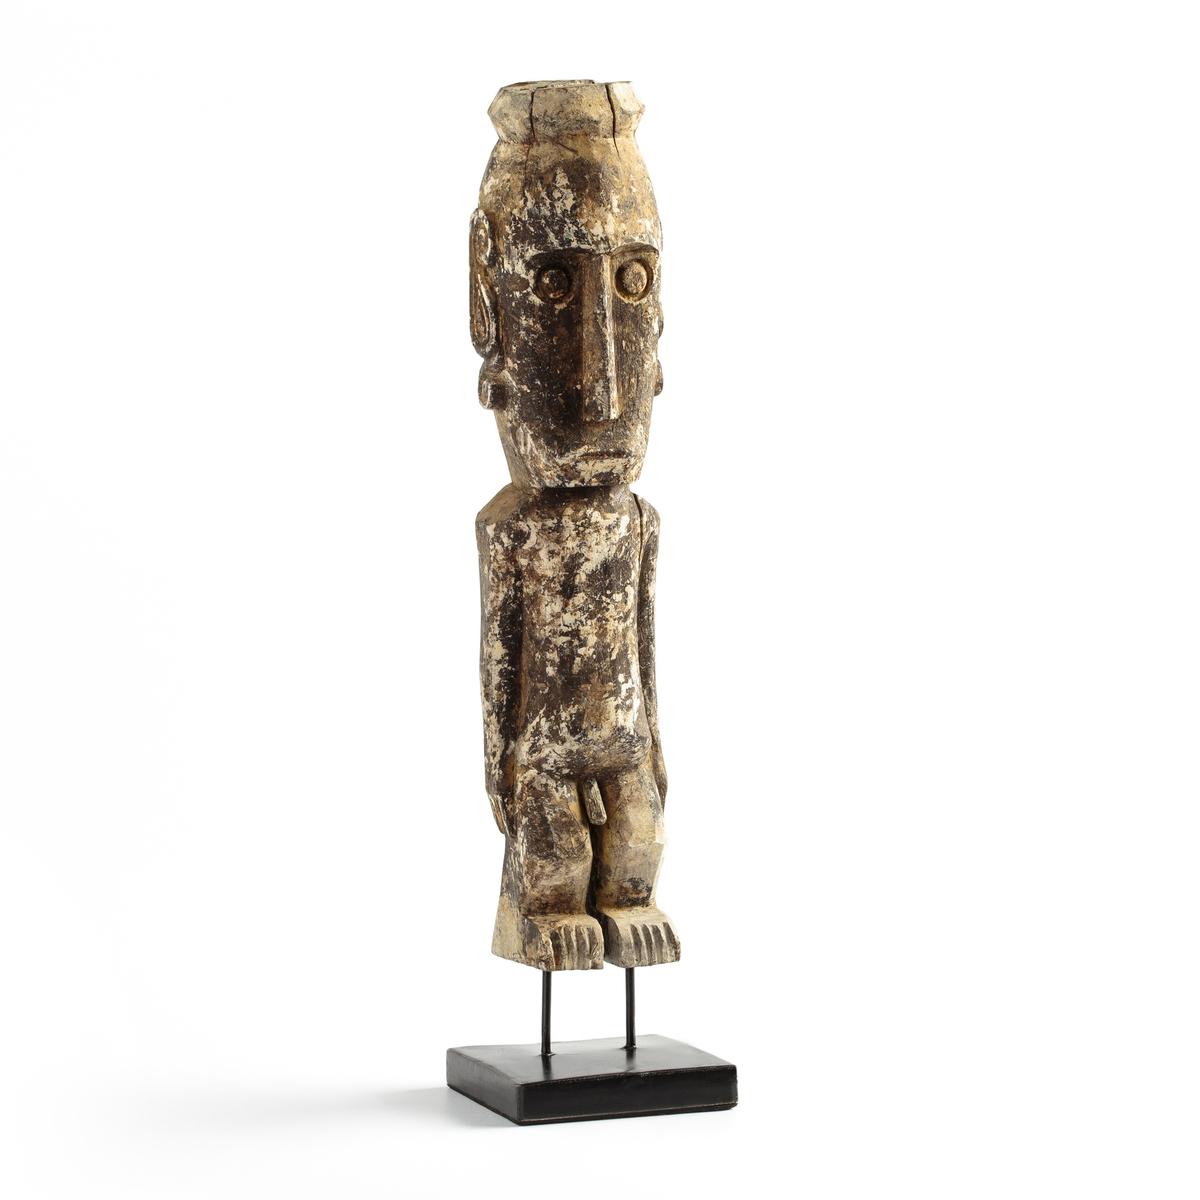 Статуэтка из дерева, В.47 см, Semarang статуэтки veronese статуэтка индеец с копьем и щитом